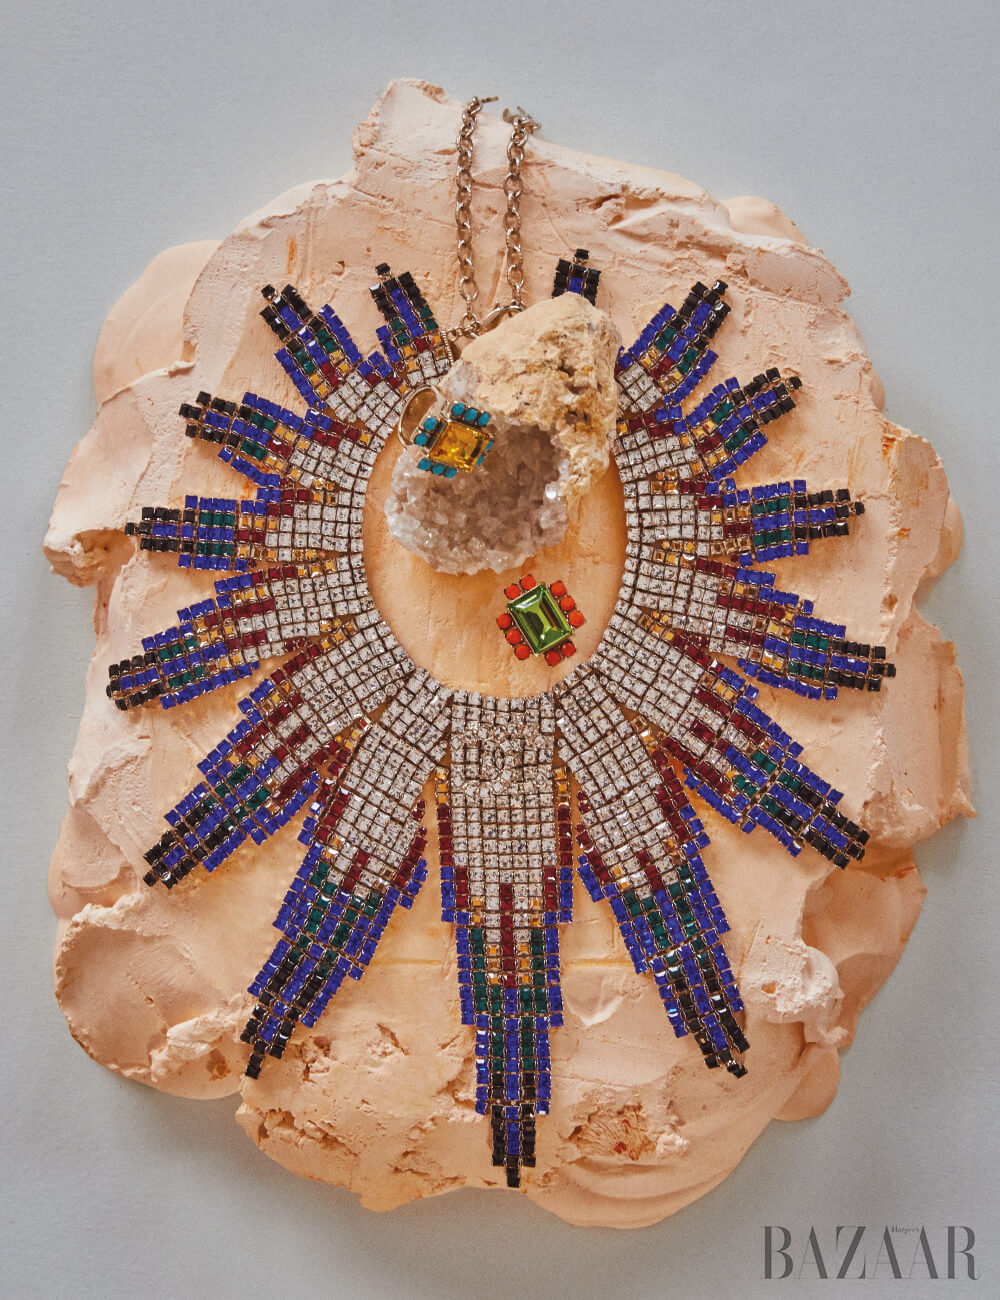 목걸이는 Chanel, 반지는 각각 35만원 모두 Dries Van Noten by BOONTHESHOP. 돌 수정은 al-shop.kr, 석고 조형물은 이악크래프트 소장품.